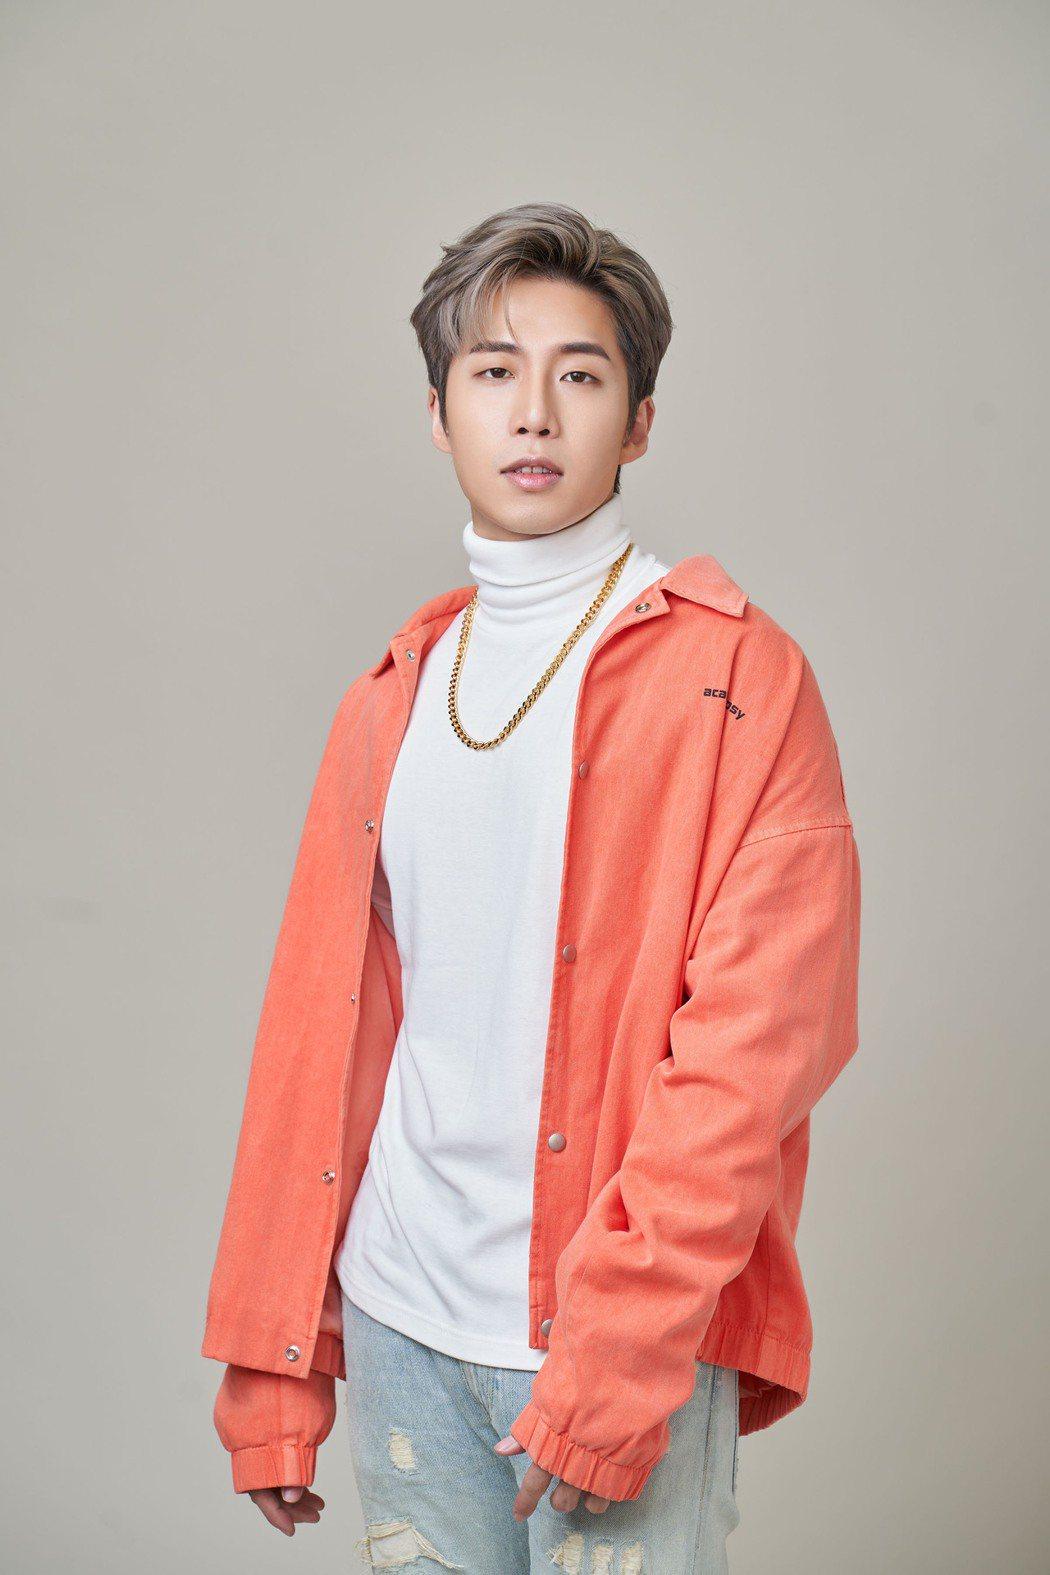 李東軒被欽點創作、演唱BL微電影同名主題曲「怎麼就不愛了」。圖/邦寧傳播提供